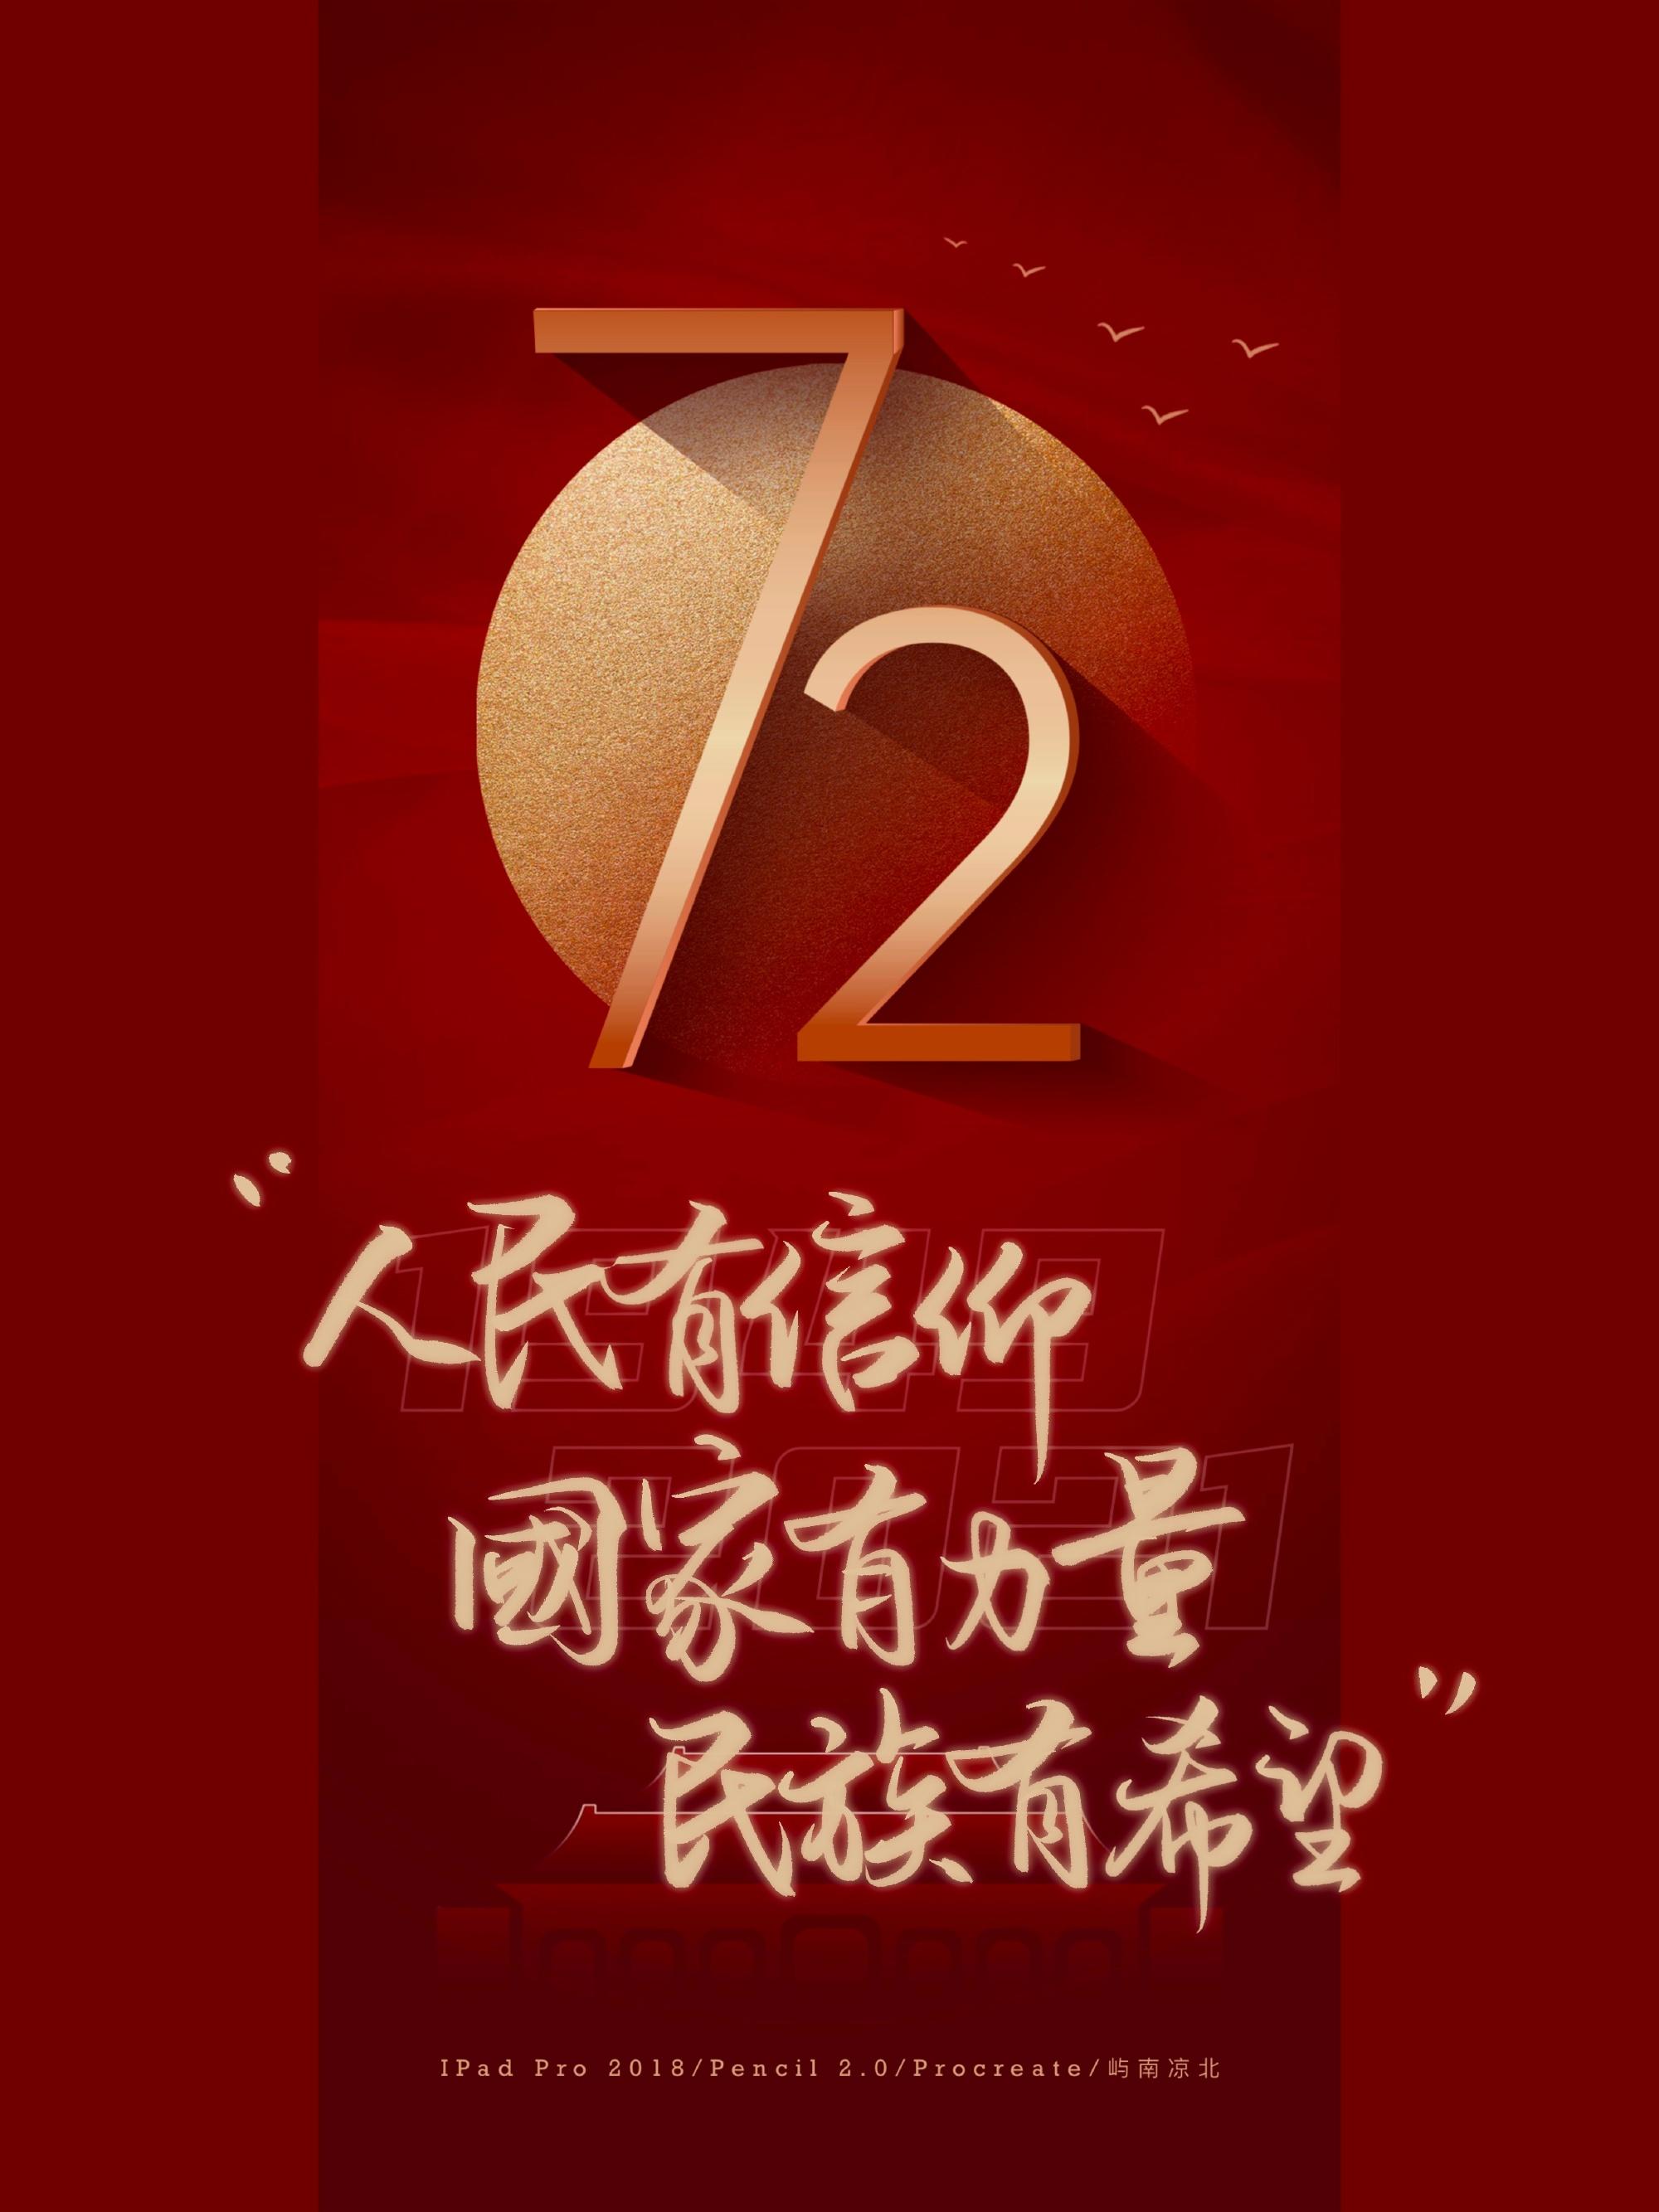 2021国庆节祝福语精选72条 适合发朋友圈的国庆节图片 liuliushe.net六六社 第15张